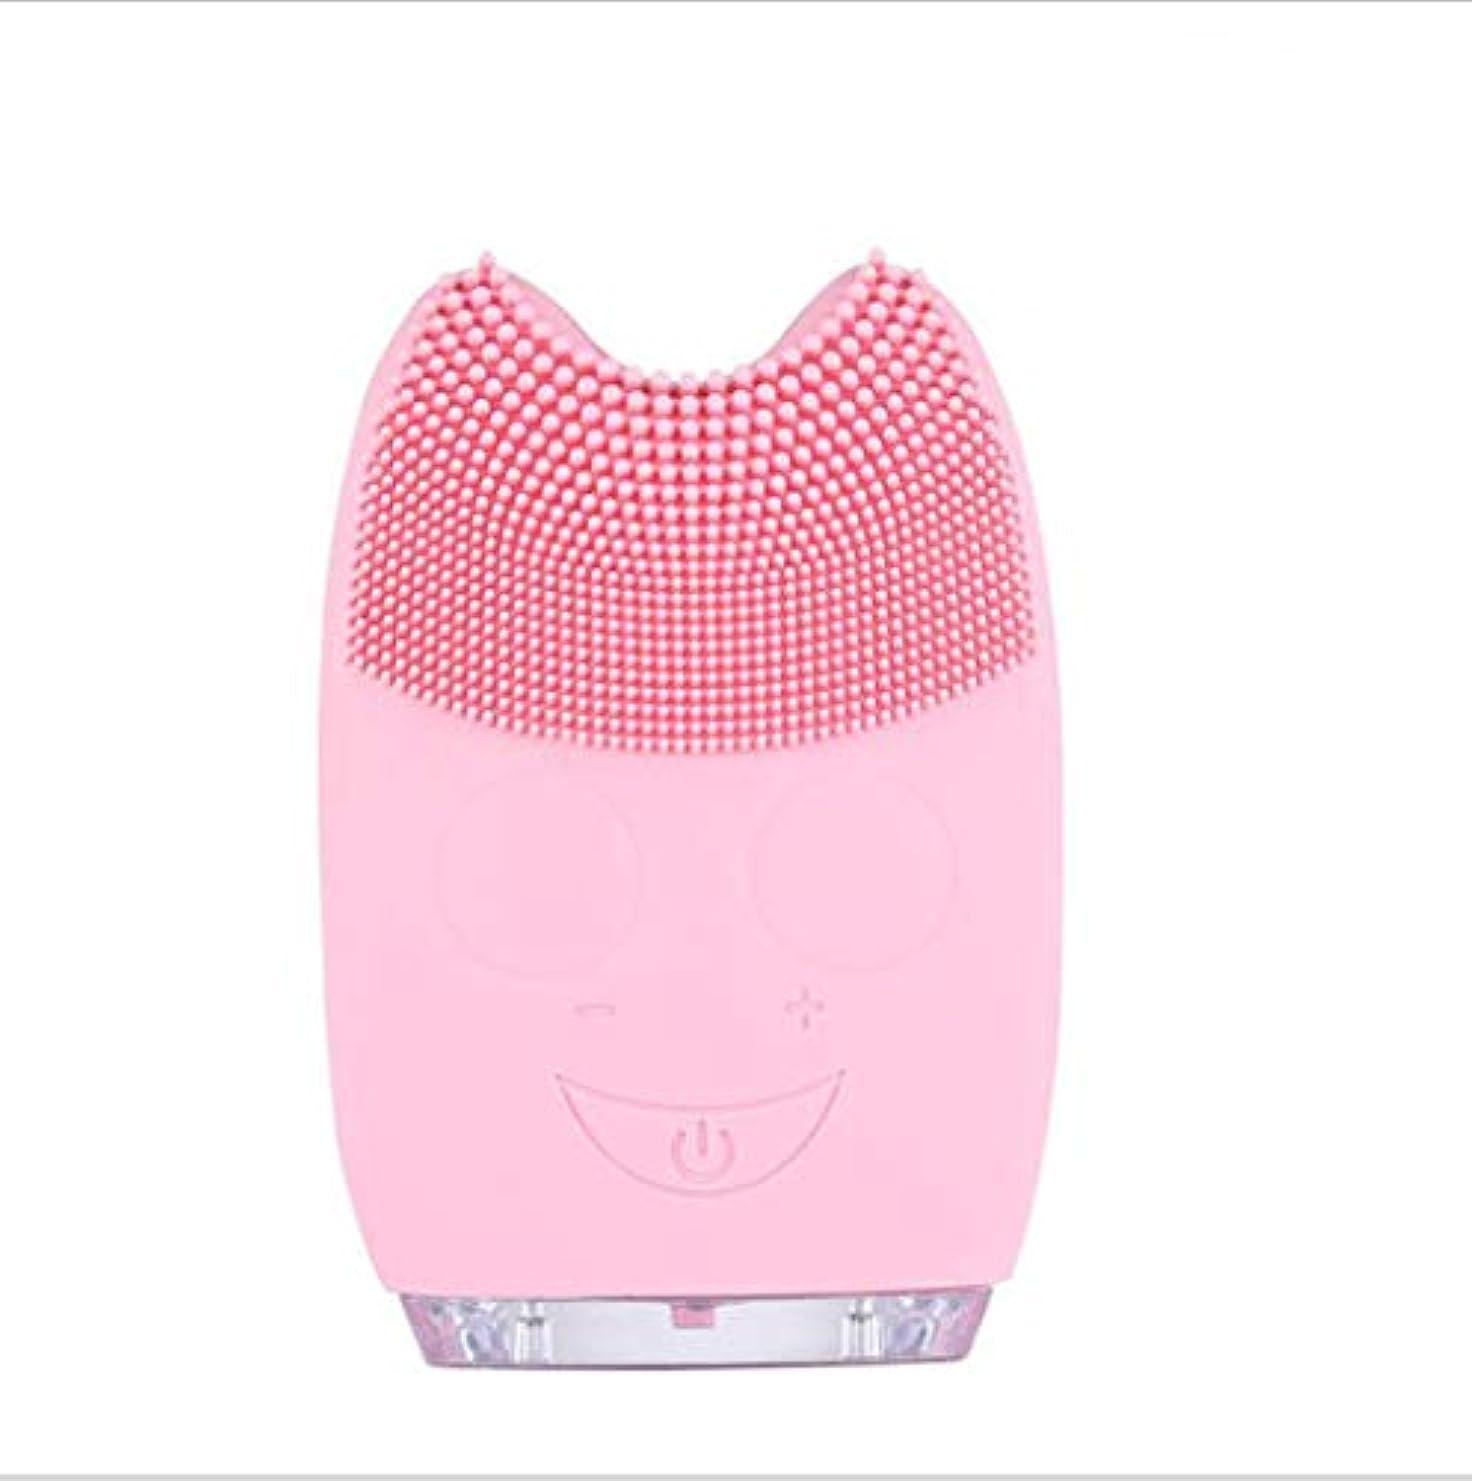 開梱涙叫び声すべての肌のタイプに適した角質除去とアンチエイジング顔マッサージのためのシリコーン電気クレンジングブラシ,Pink